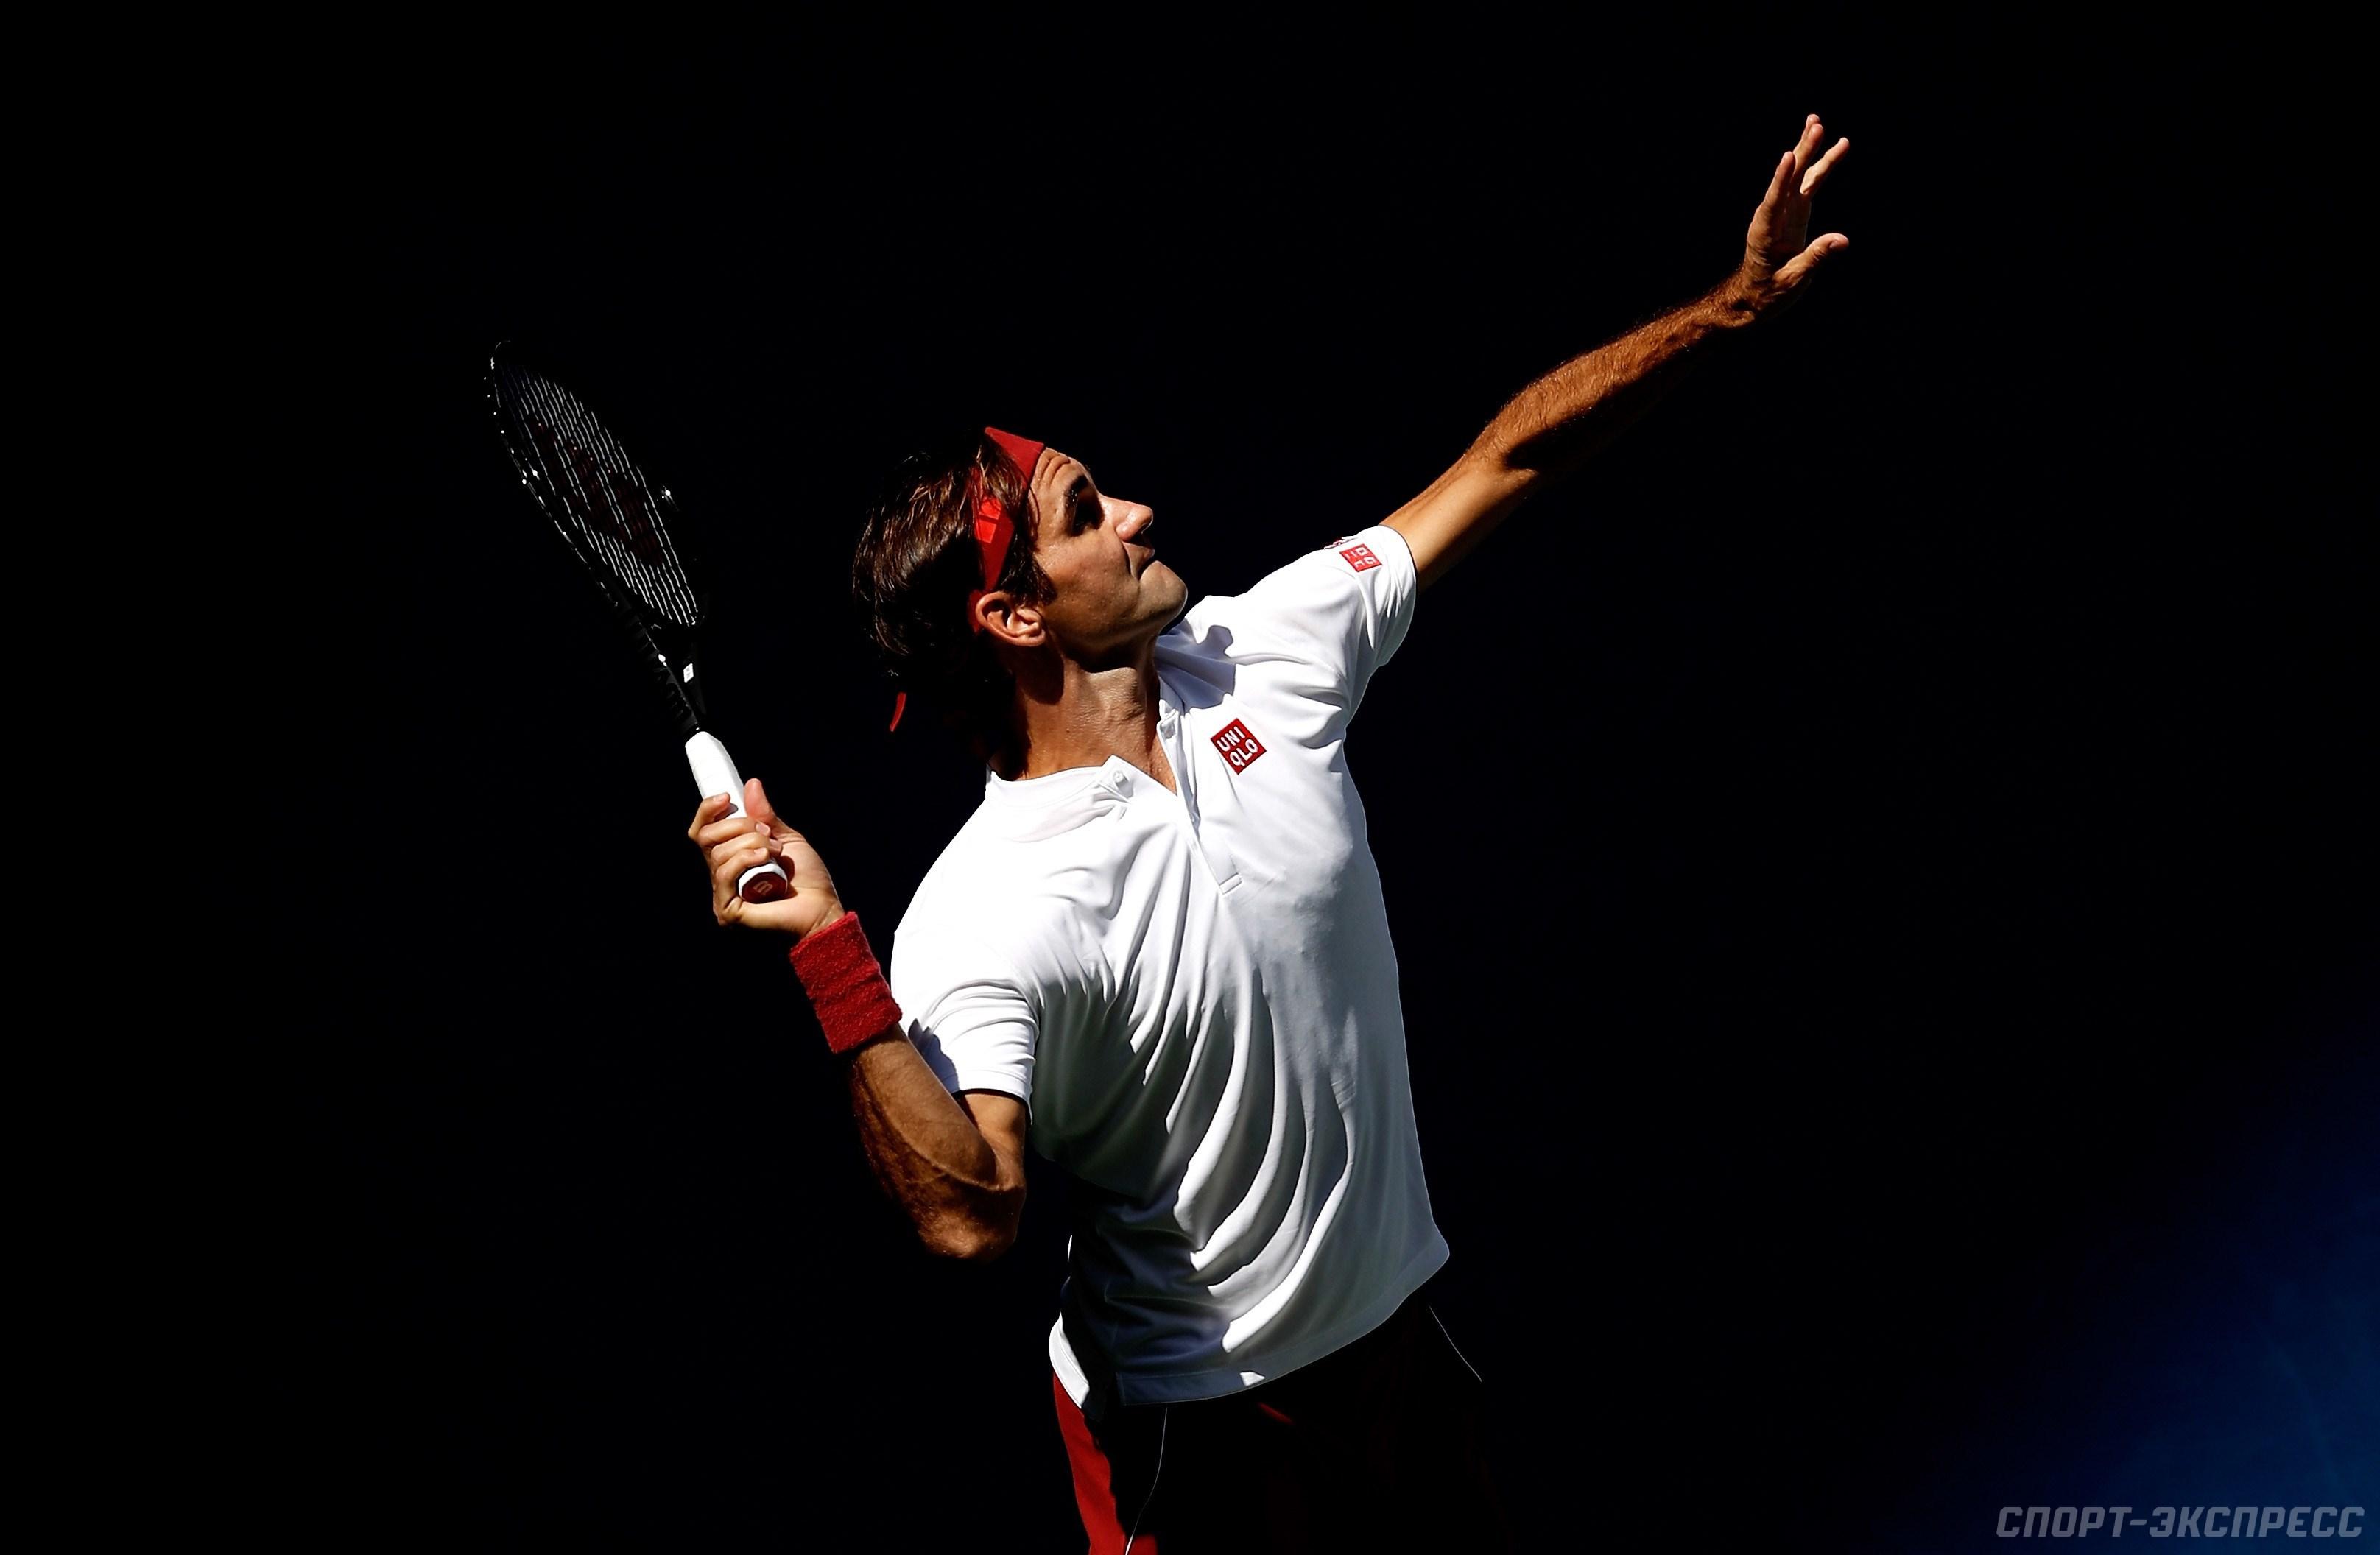 Прогноз на матч: Ник Кирьос – Роджер Федерер – 1 сентября 2018 года